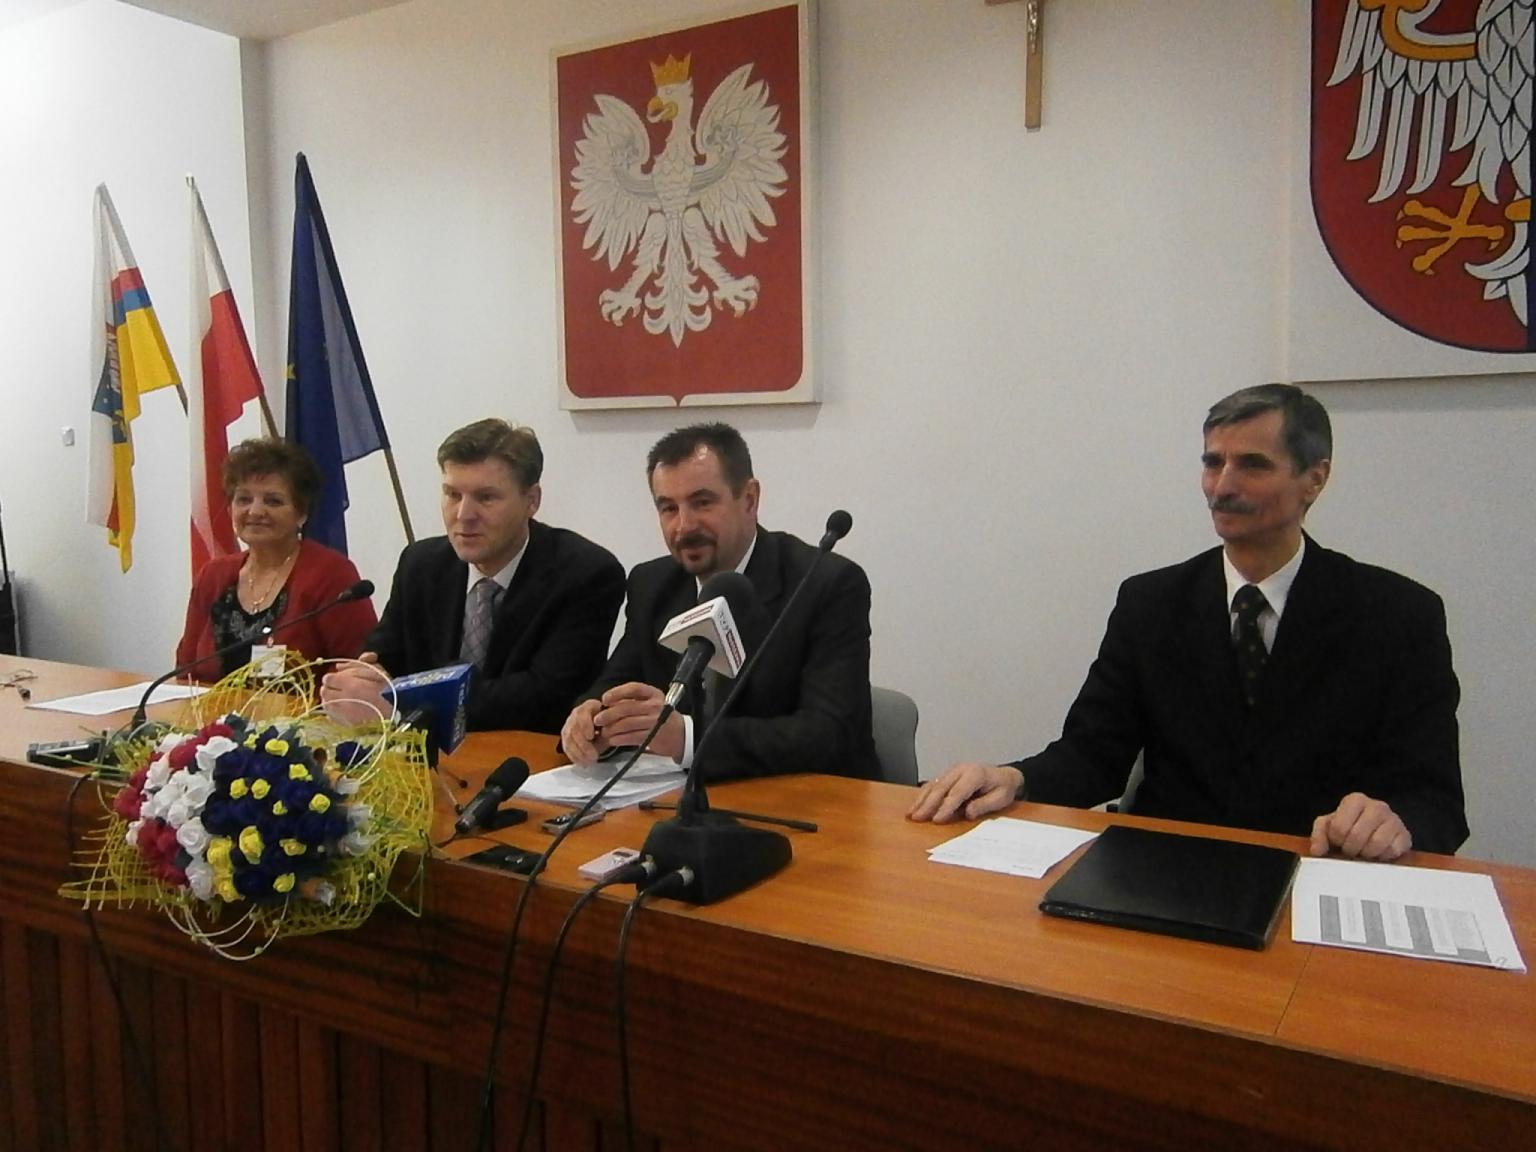 od prawej: dyrektor PUP Józef Bakuła, Starosta Mirosław Ślifirczyk, Wicestarosta Waldemar Trelka, Powiatowy Rzecznik Praw Konsumenta Jadwiga Rojek